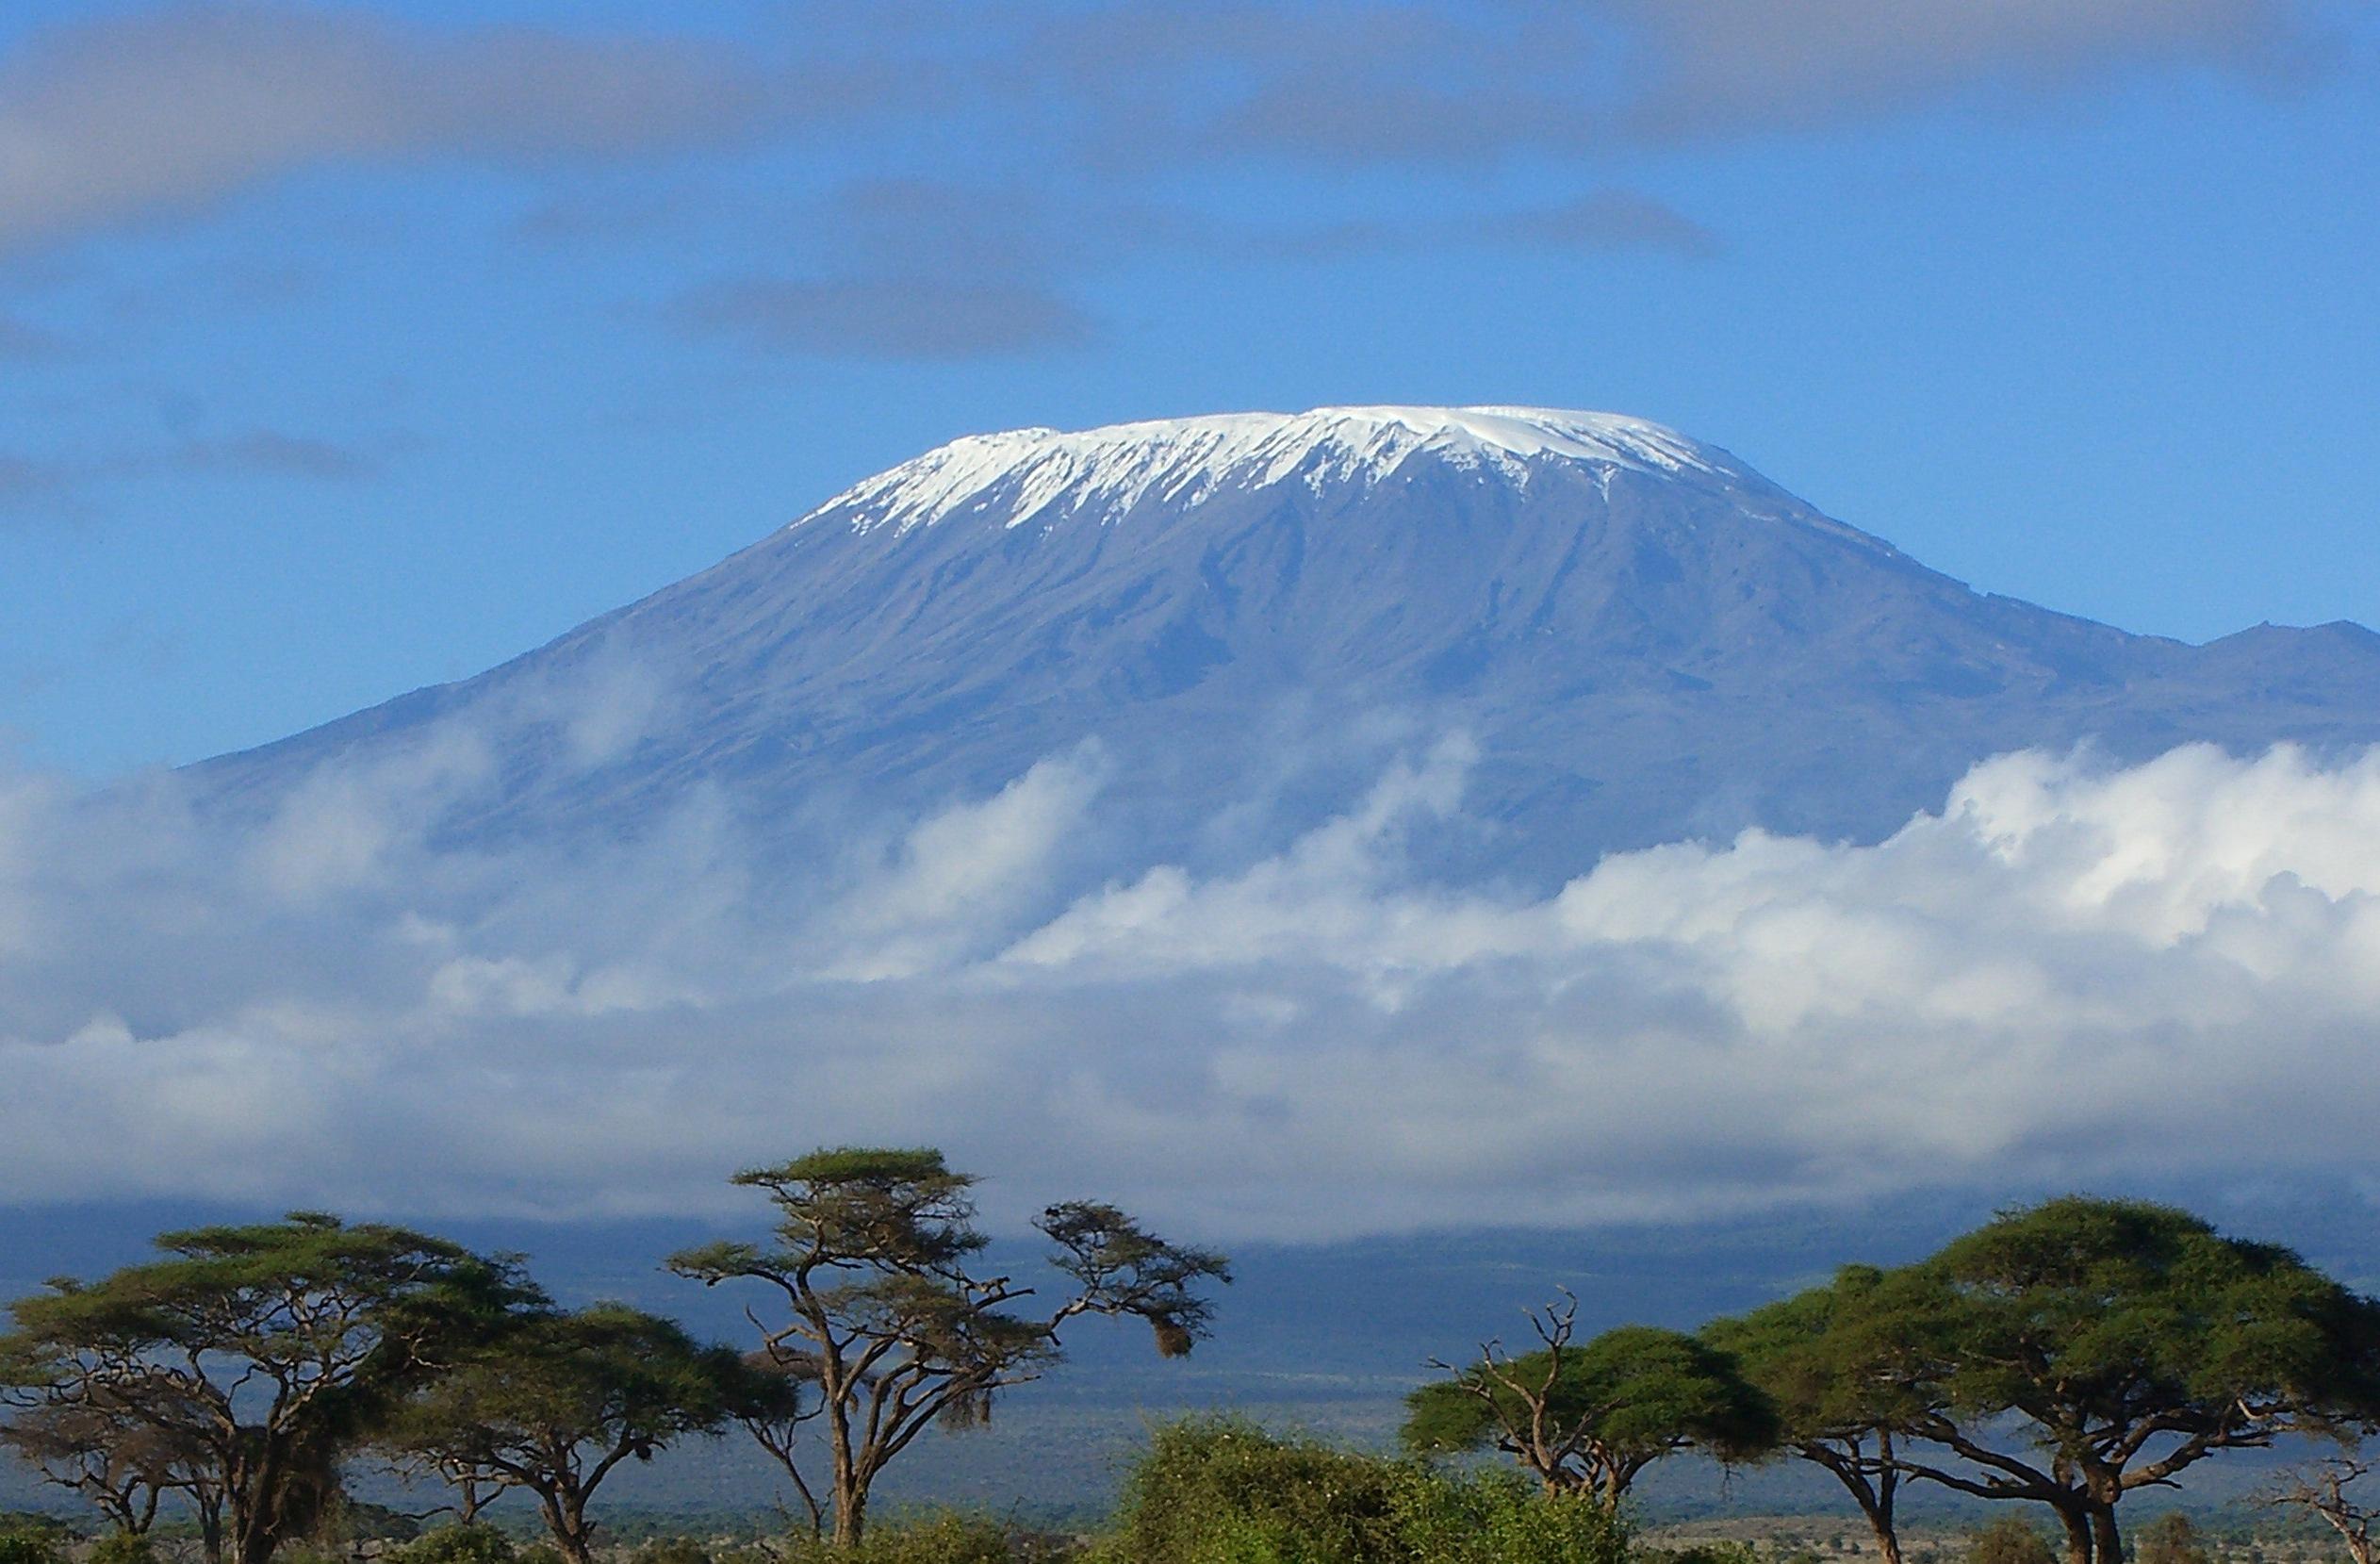 Eat real food and conquer Mount Kilimanjaro Tanzania